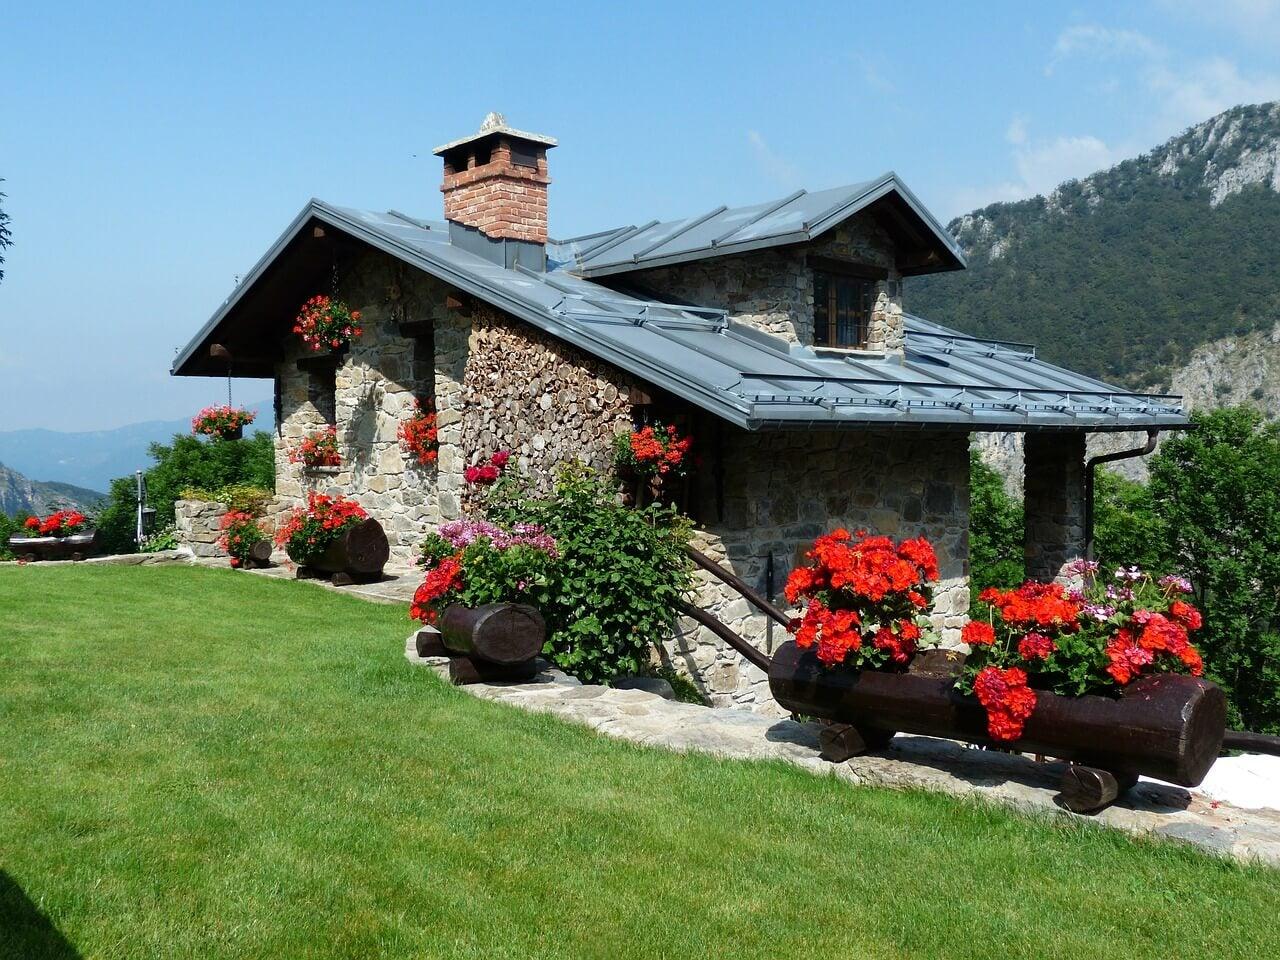 Casa de vacaciones en la montaña